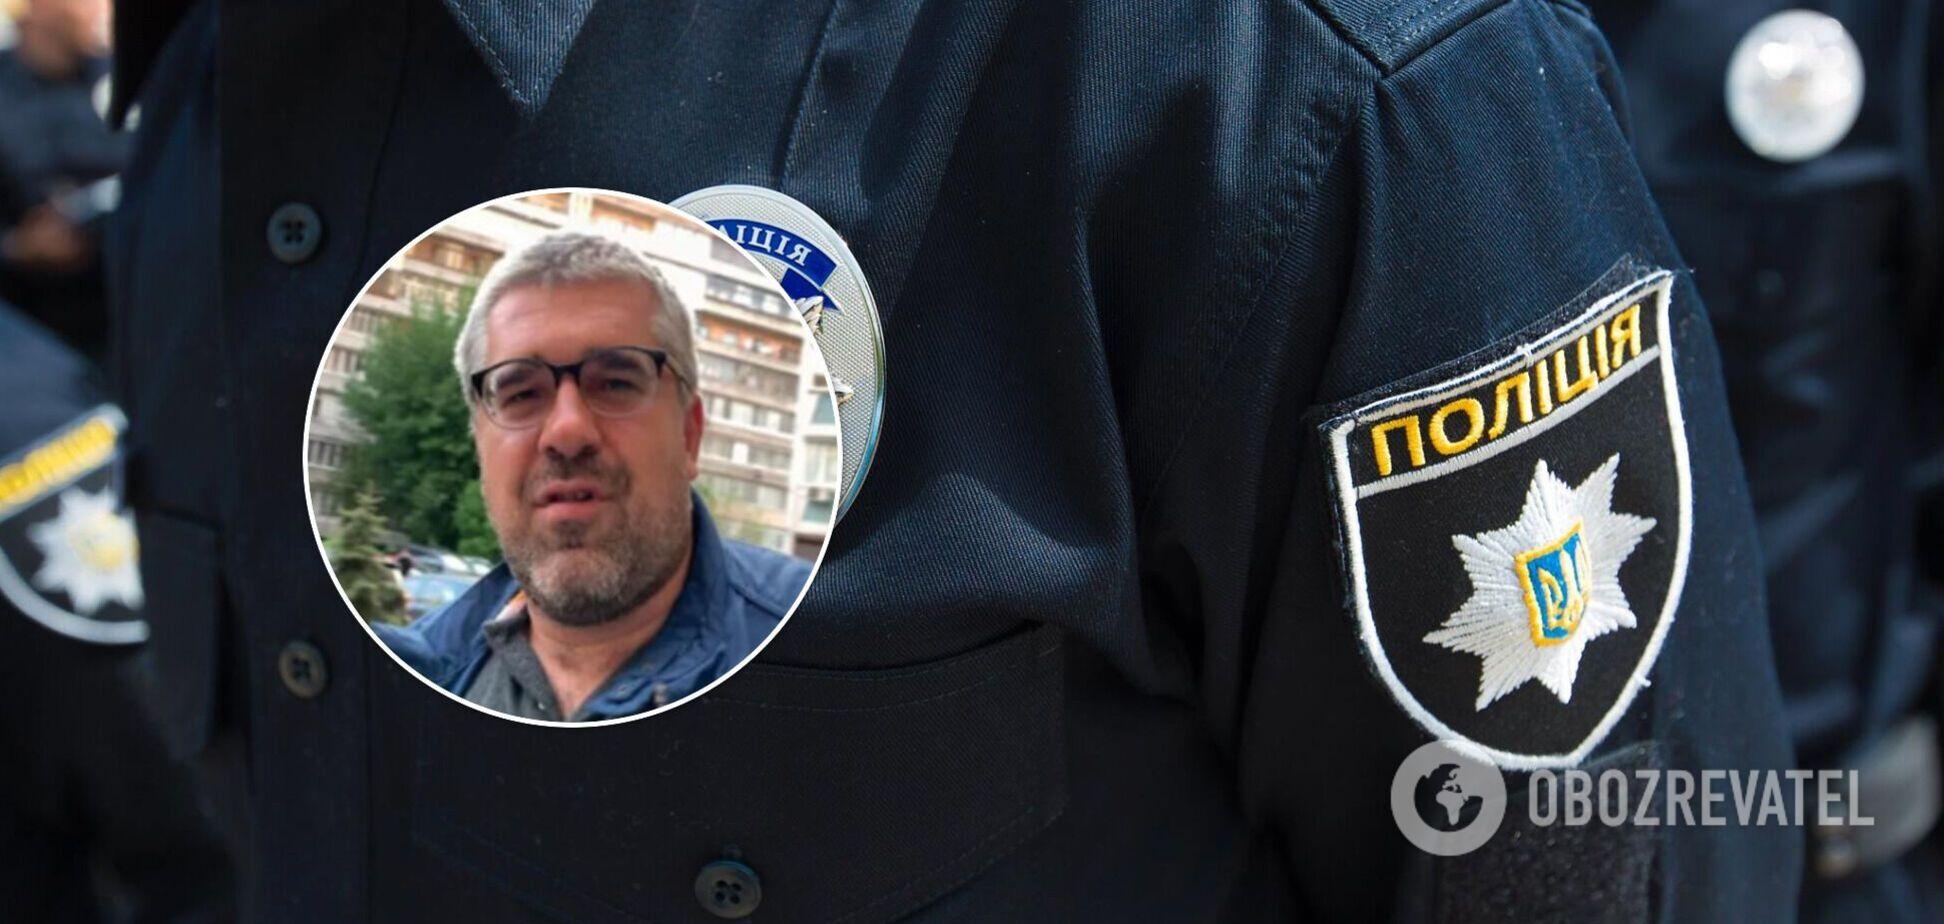 Пойманный на взятке коп из Киева продолжает работать в полиции – документ